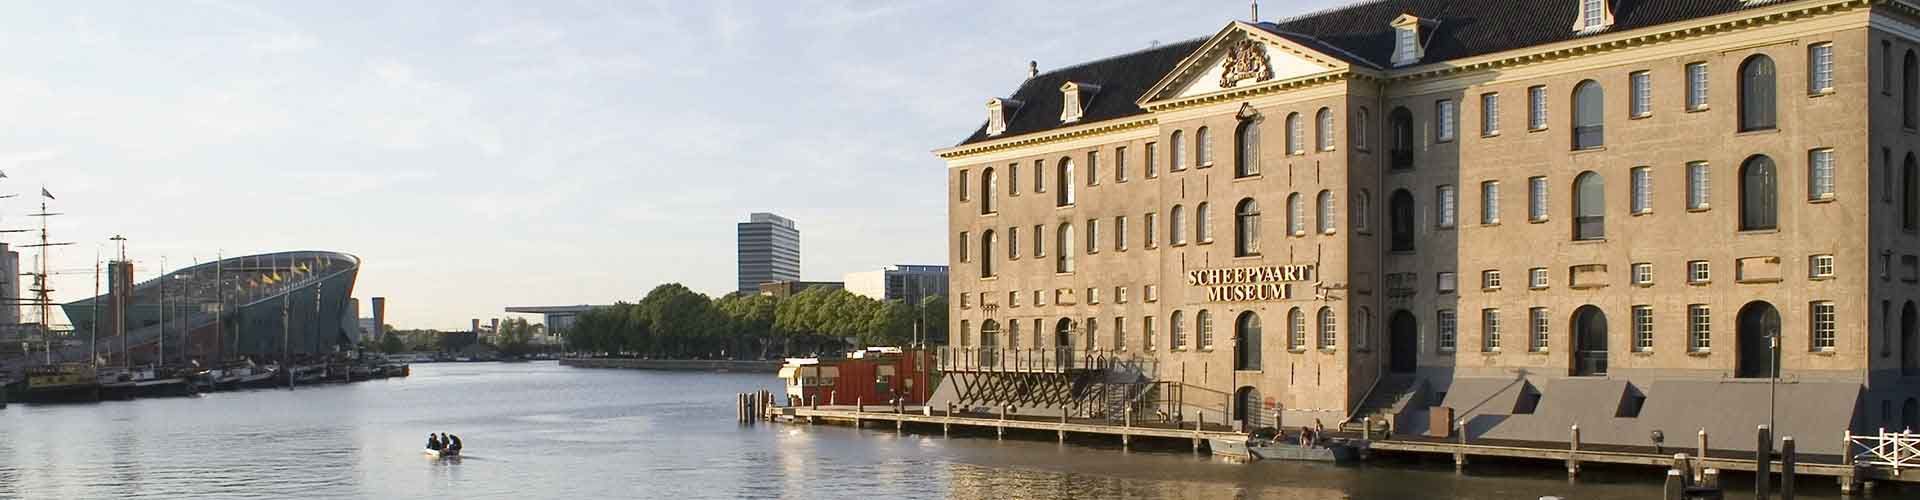 Amsterdam - Habitaciones cerca a Scheepvaartmuseum. Mapas de Amsterdam, Fotos y comentarios de cada Habitación en Amsterdam.